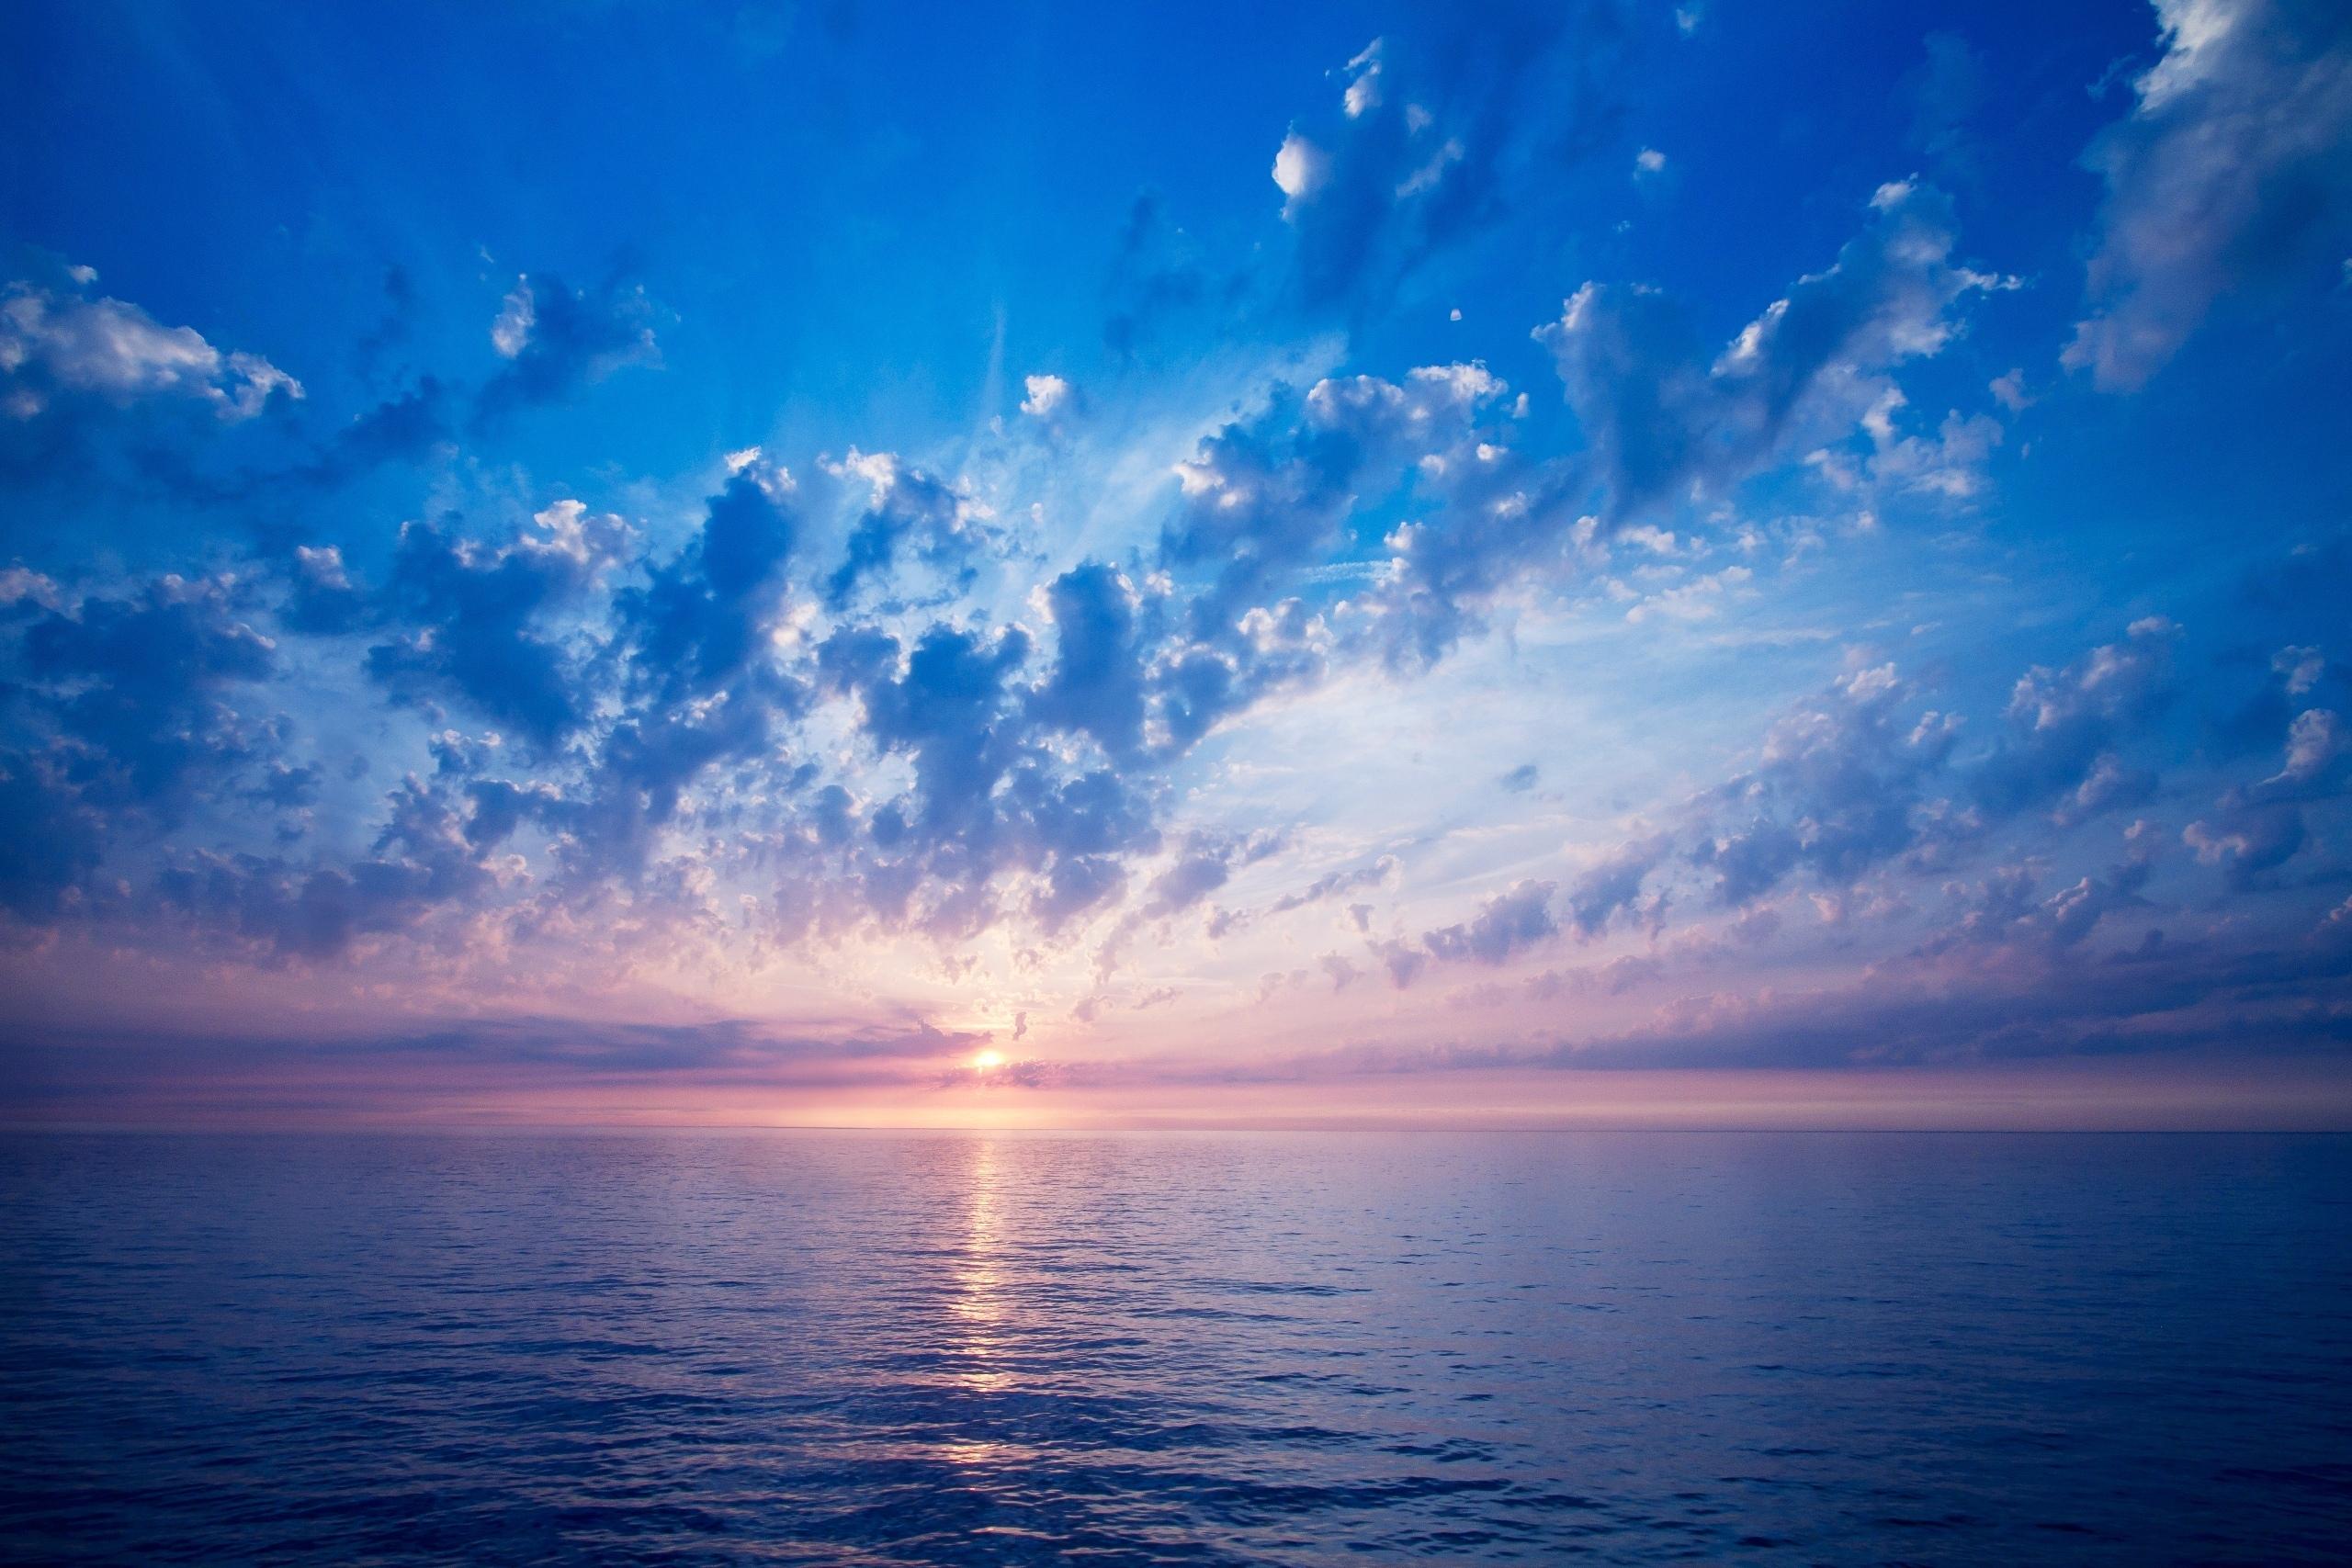 красочный закат над морем  № 1258724 без смс